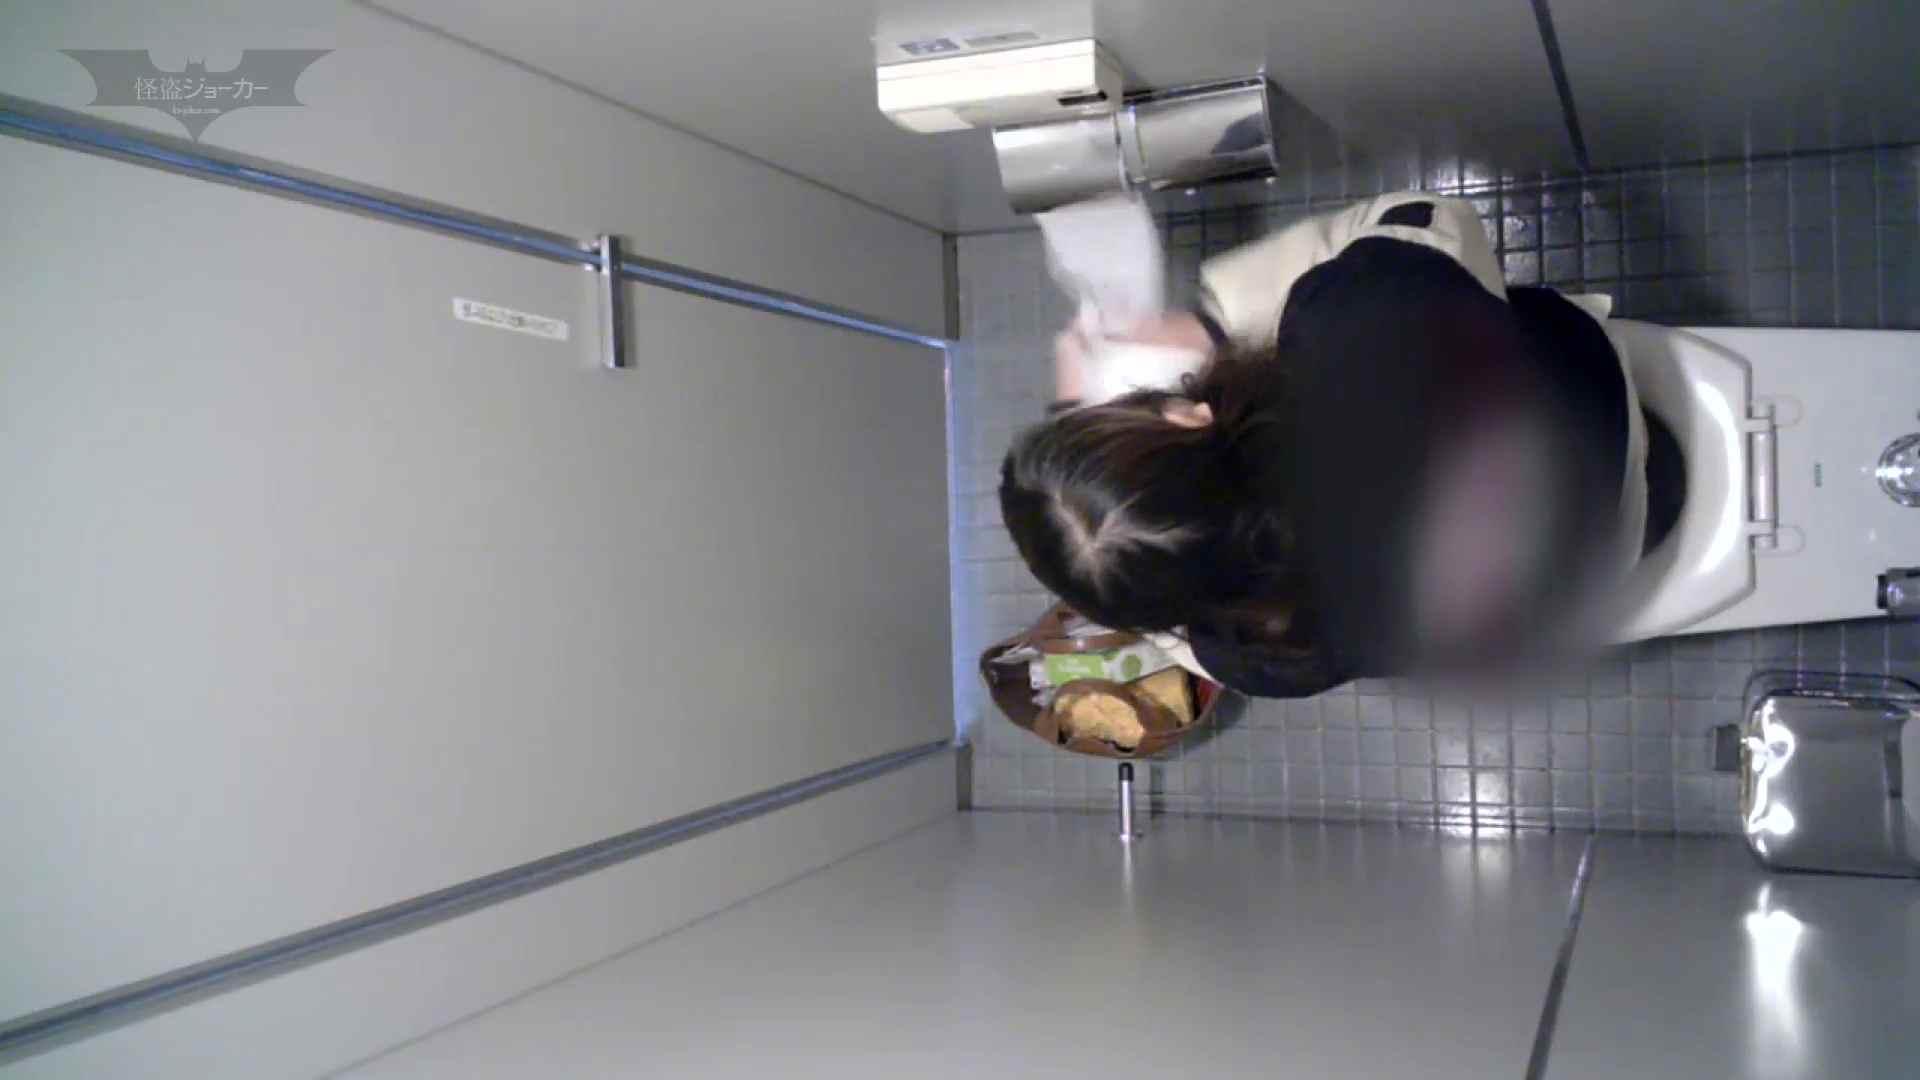 有名大学女性洗面所 vol.58 アンダーヘアーも冬支度? 洗面所 盗撮エロ画像 91pic 20